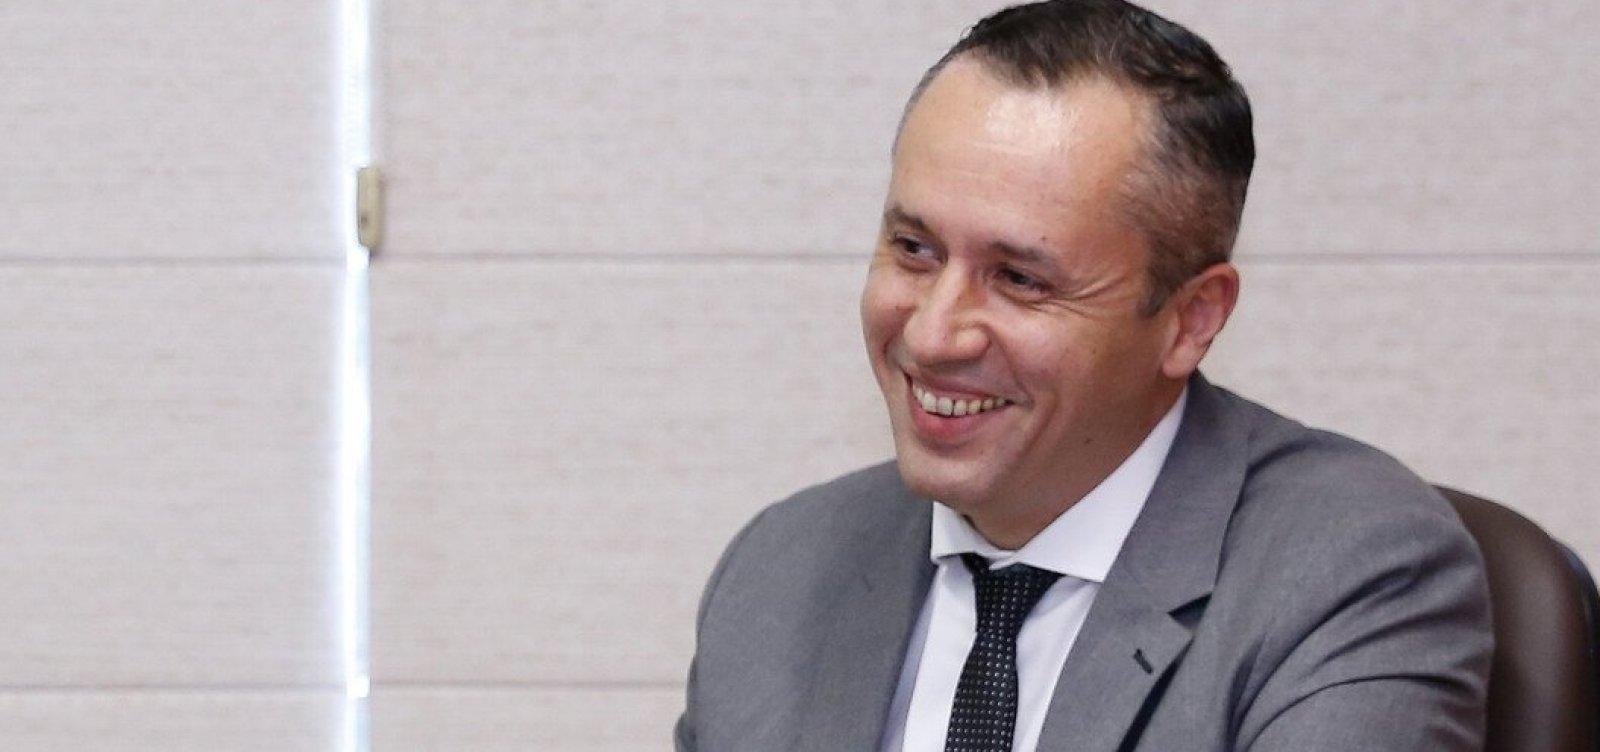 [Roberto Alvim afirma que imitação de ministro nazista foi 'coincidência retórica']